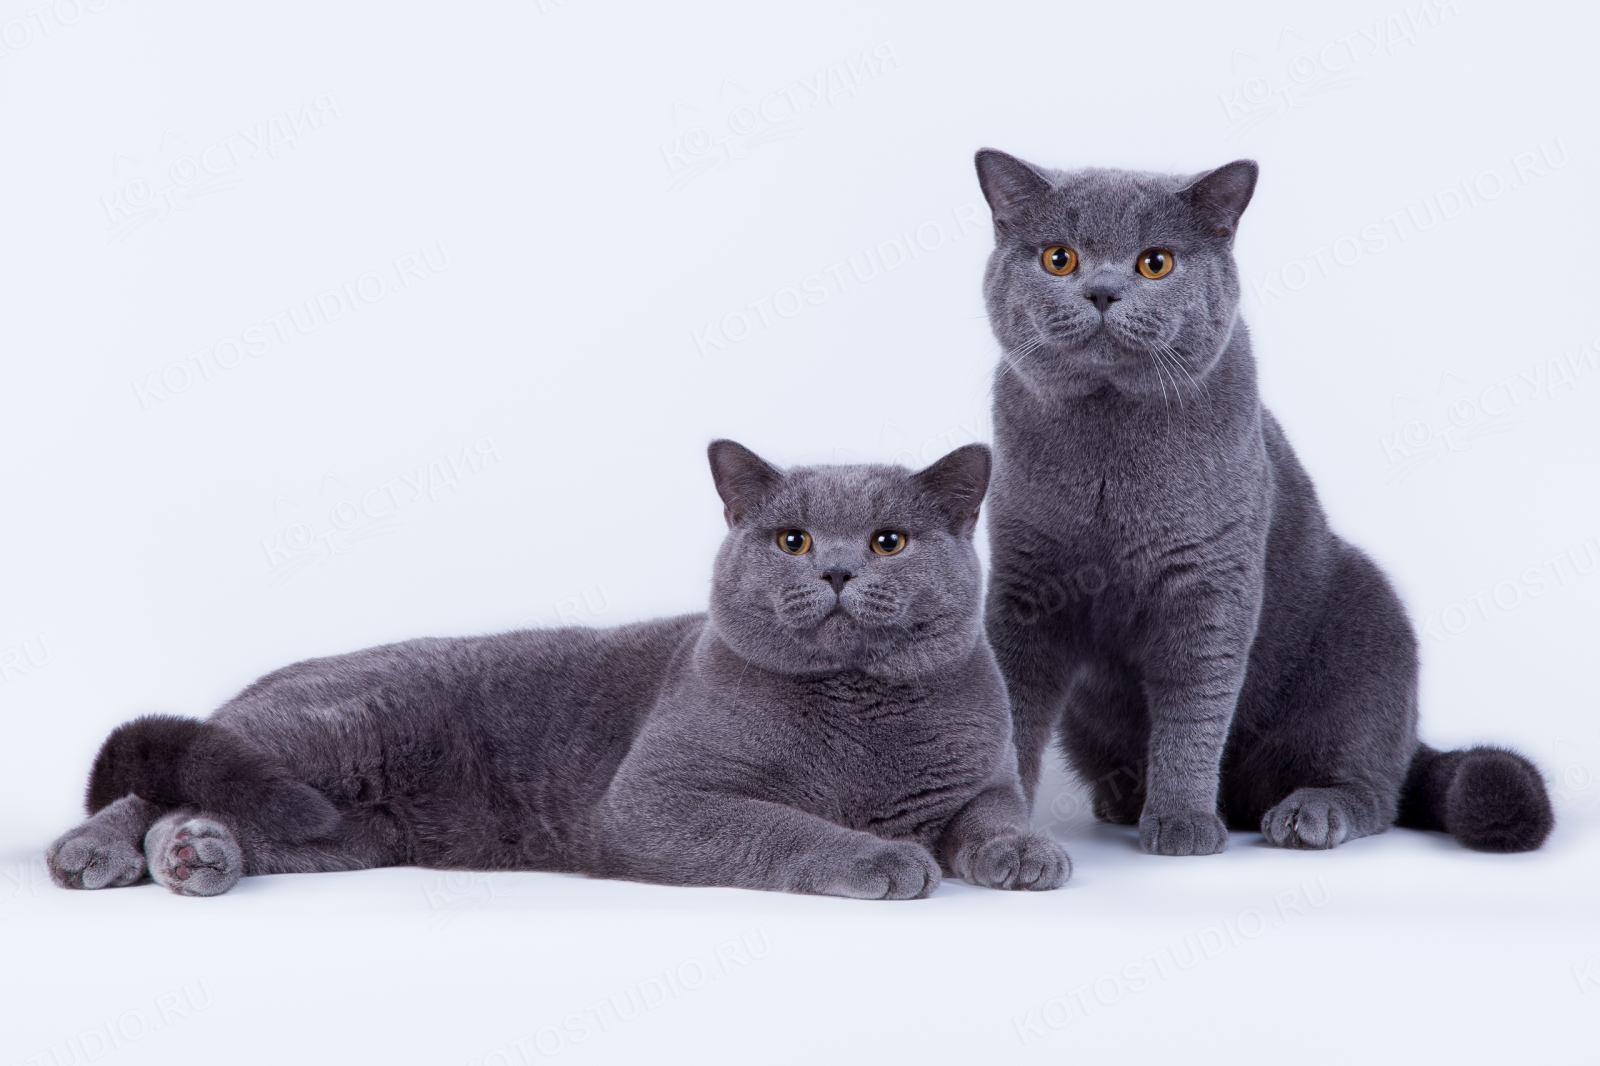 кошки фото британцы короткошерстные найдете красивые